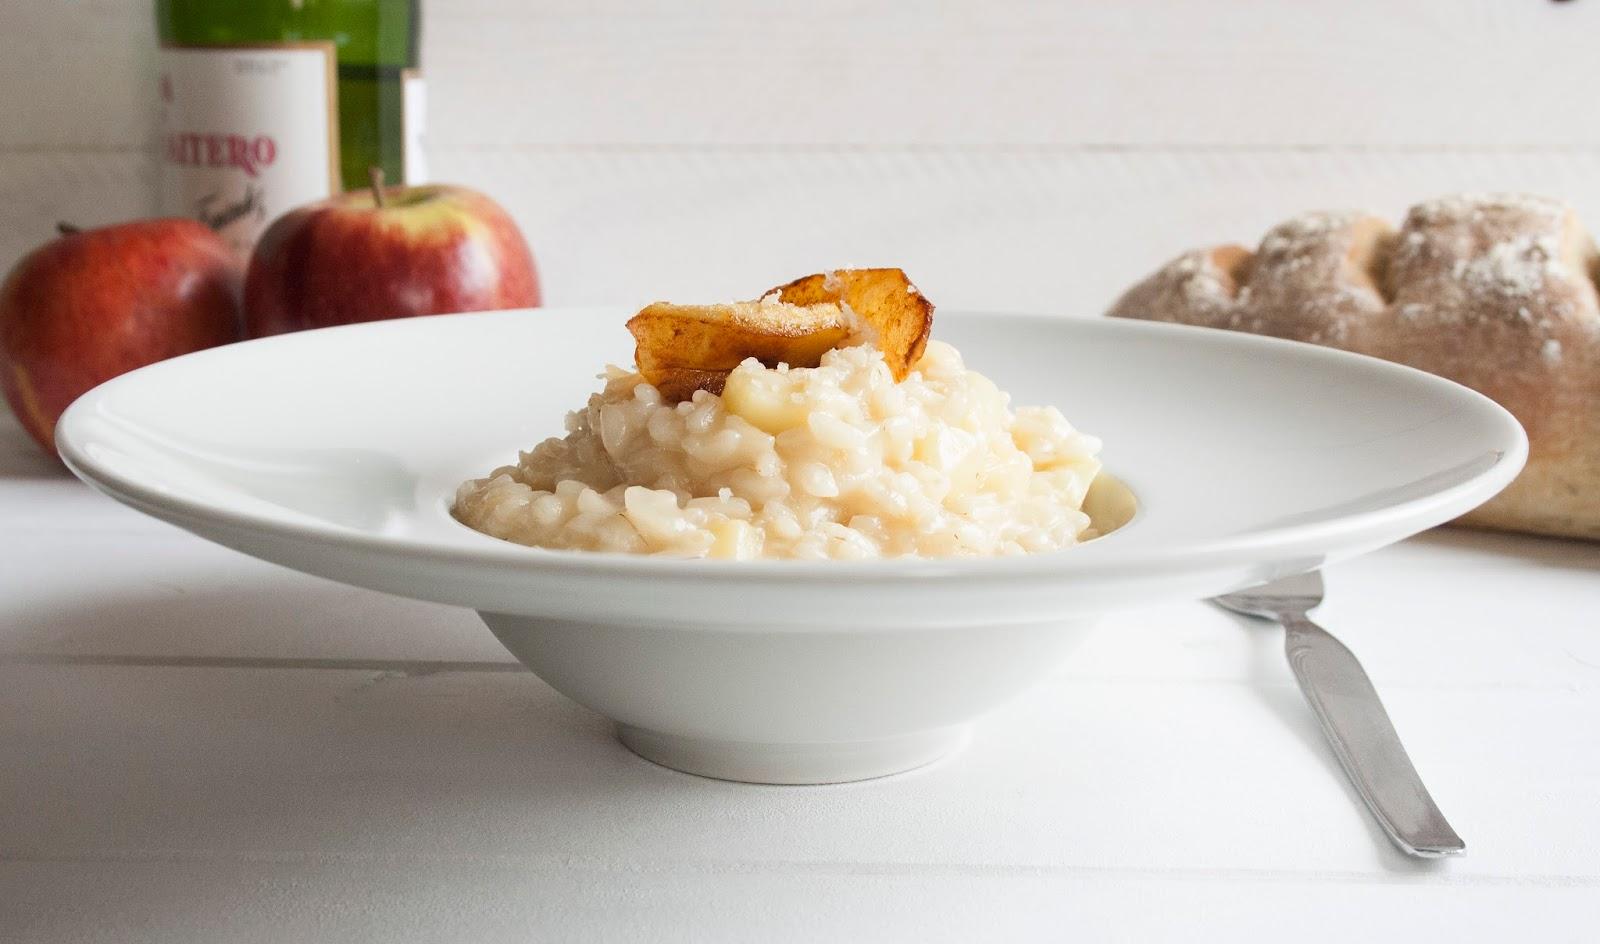 Risotto de manzanas a la sidra. Uniendo lo mejor de cada país